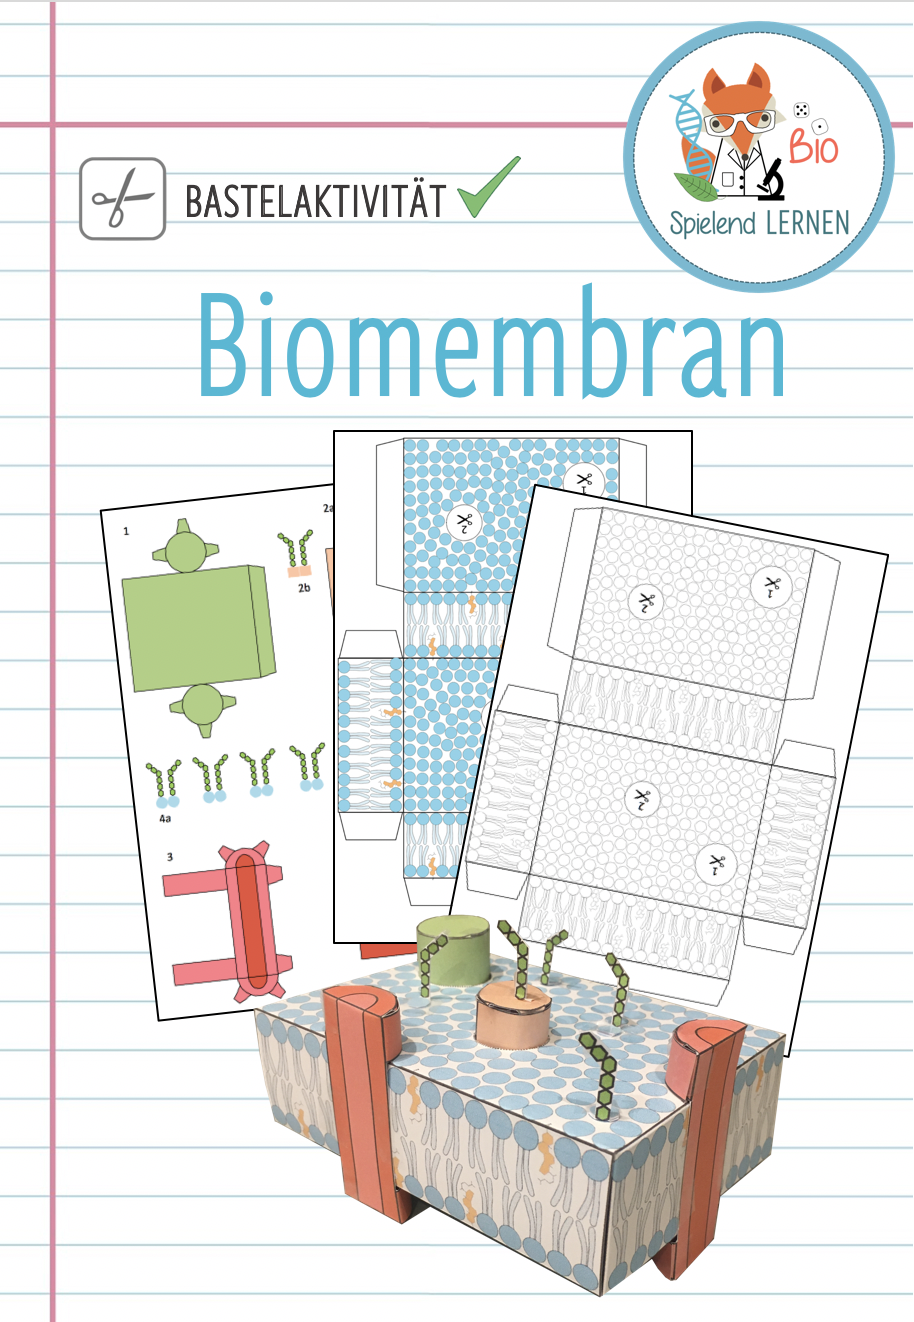 Biomembran Modell Bastelaktivitat Unterrichtsmaterial Im Fach Biologie In 2020 Biologie Unterrichtsmaterial Zelltheorie